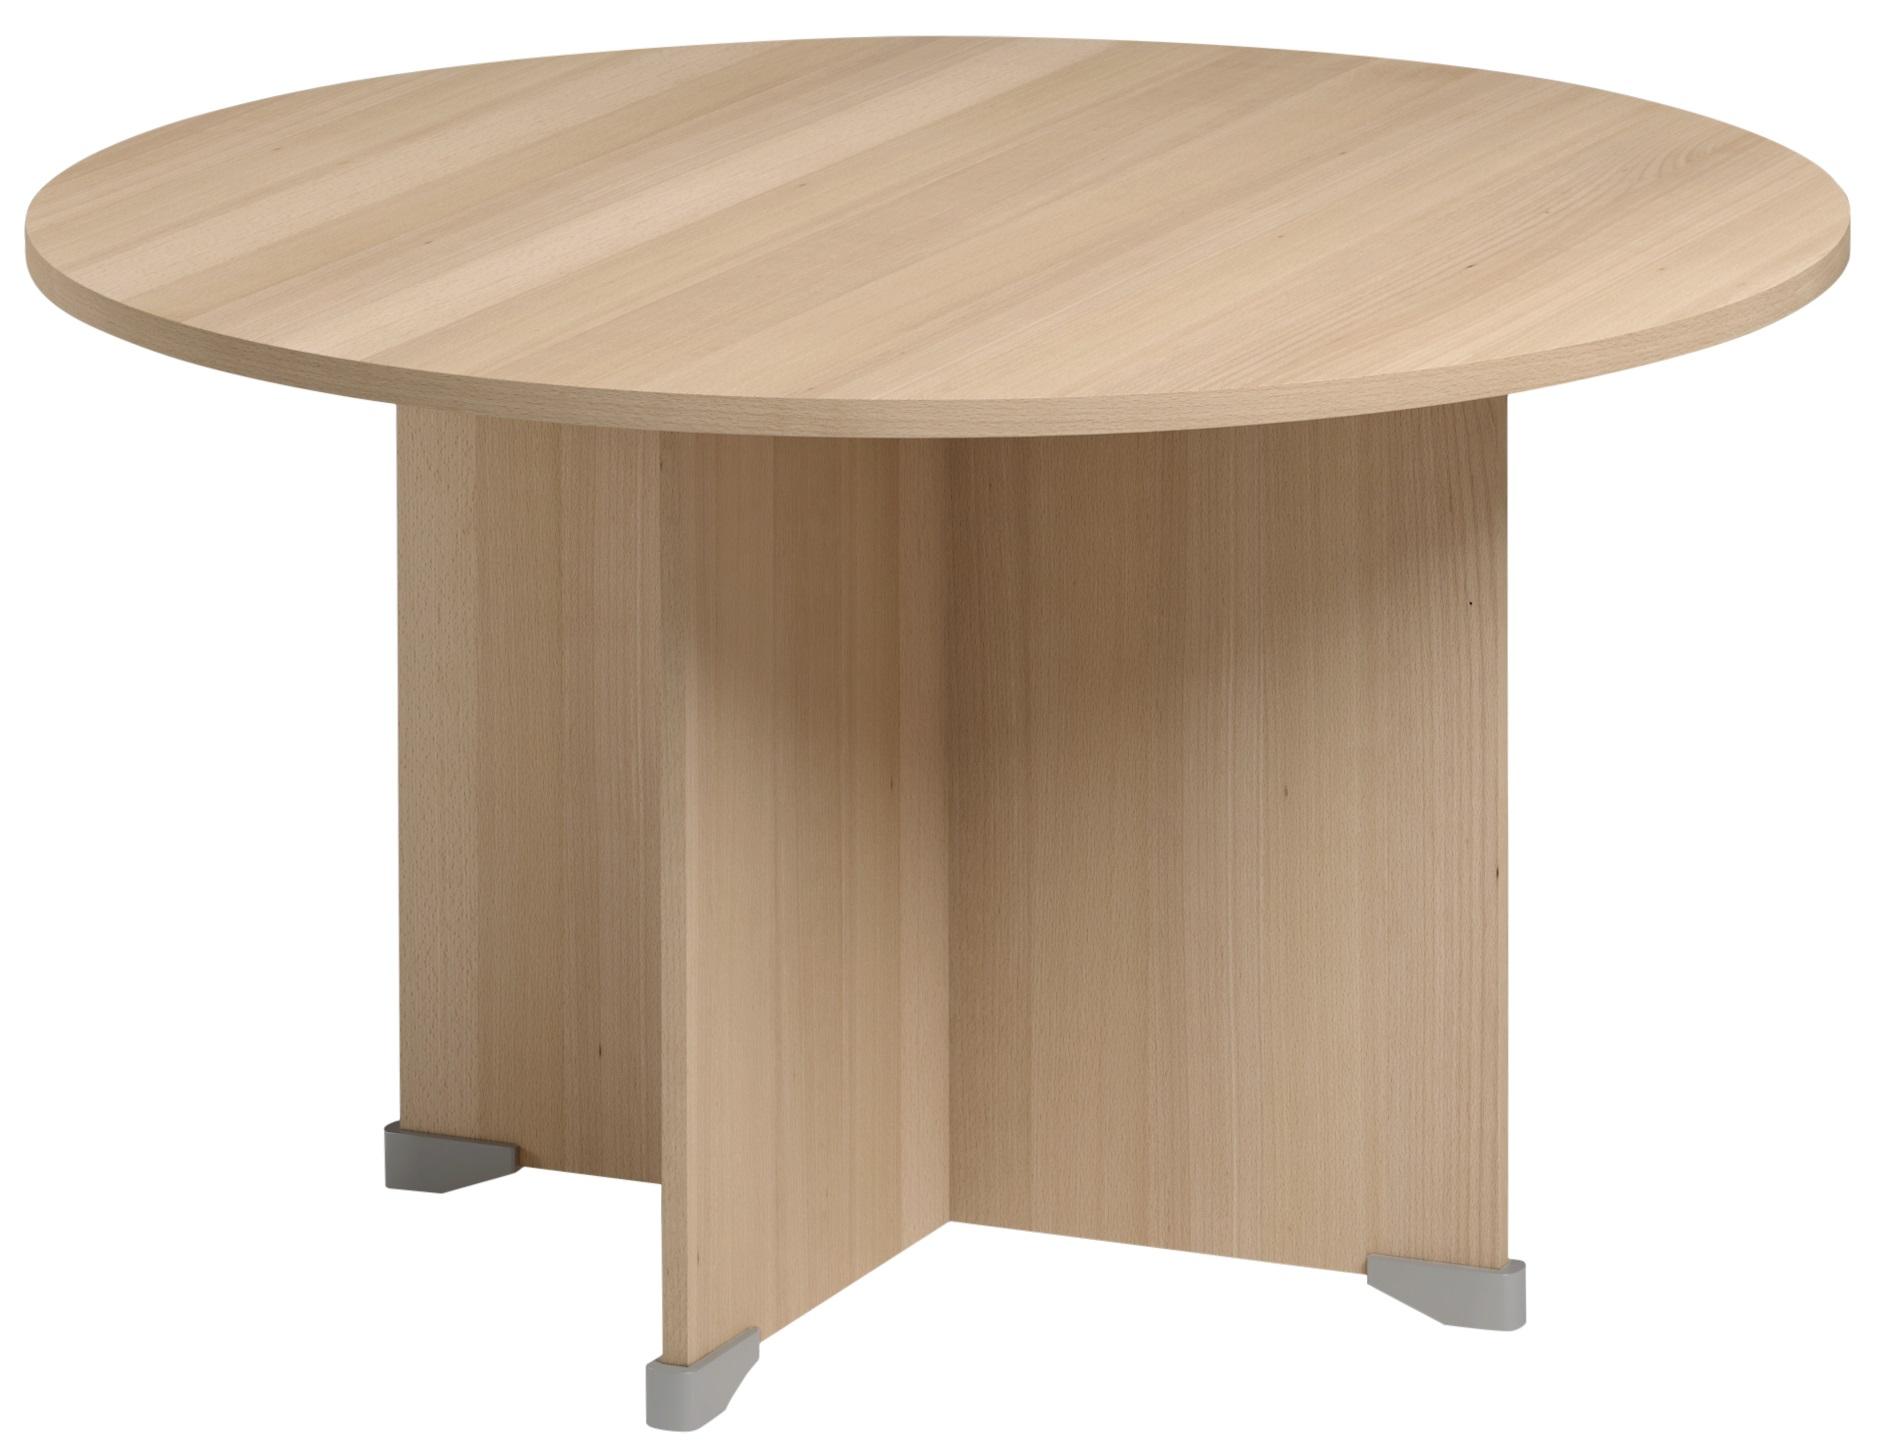 JAZZ+ HÊTRE AMBRÉ TABLE RONDE